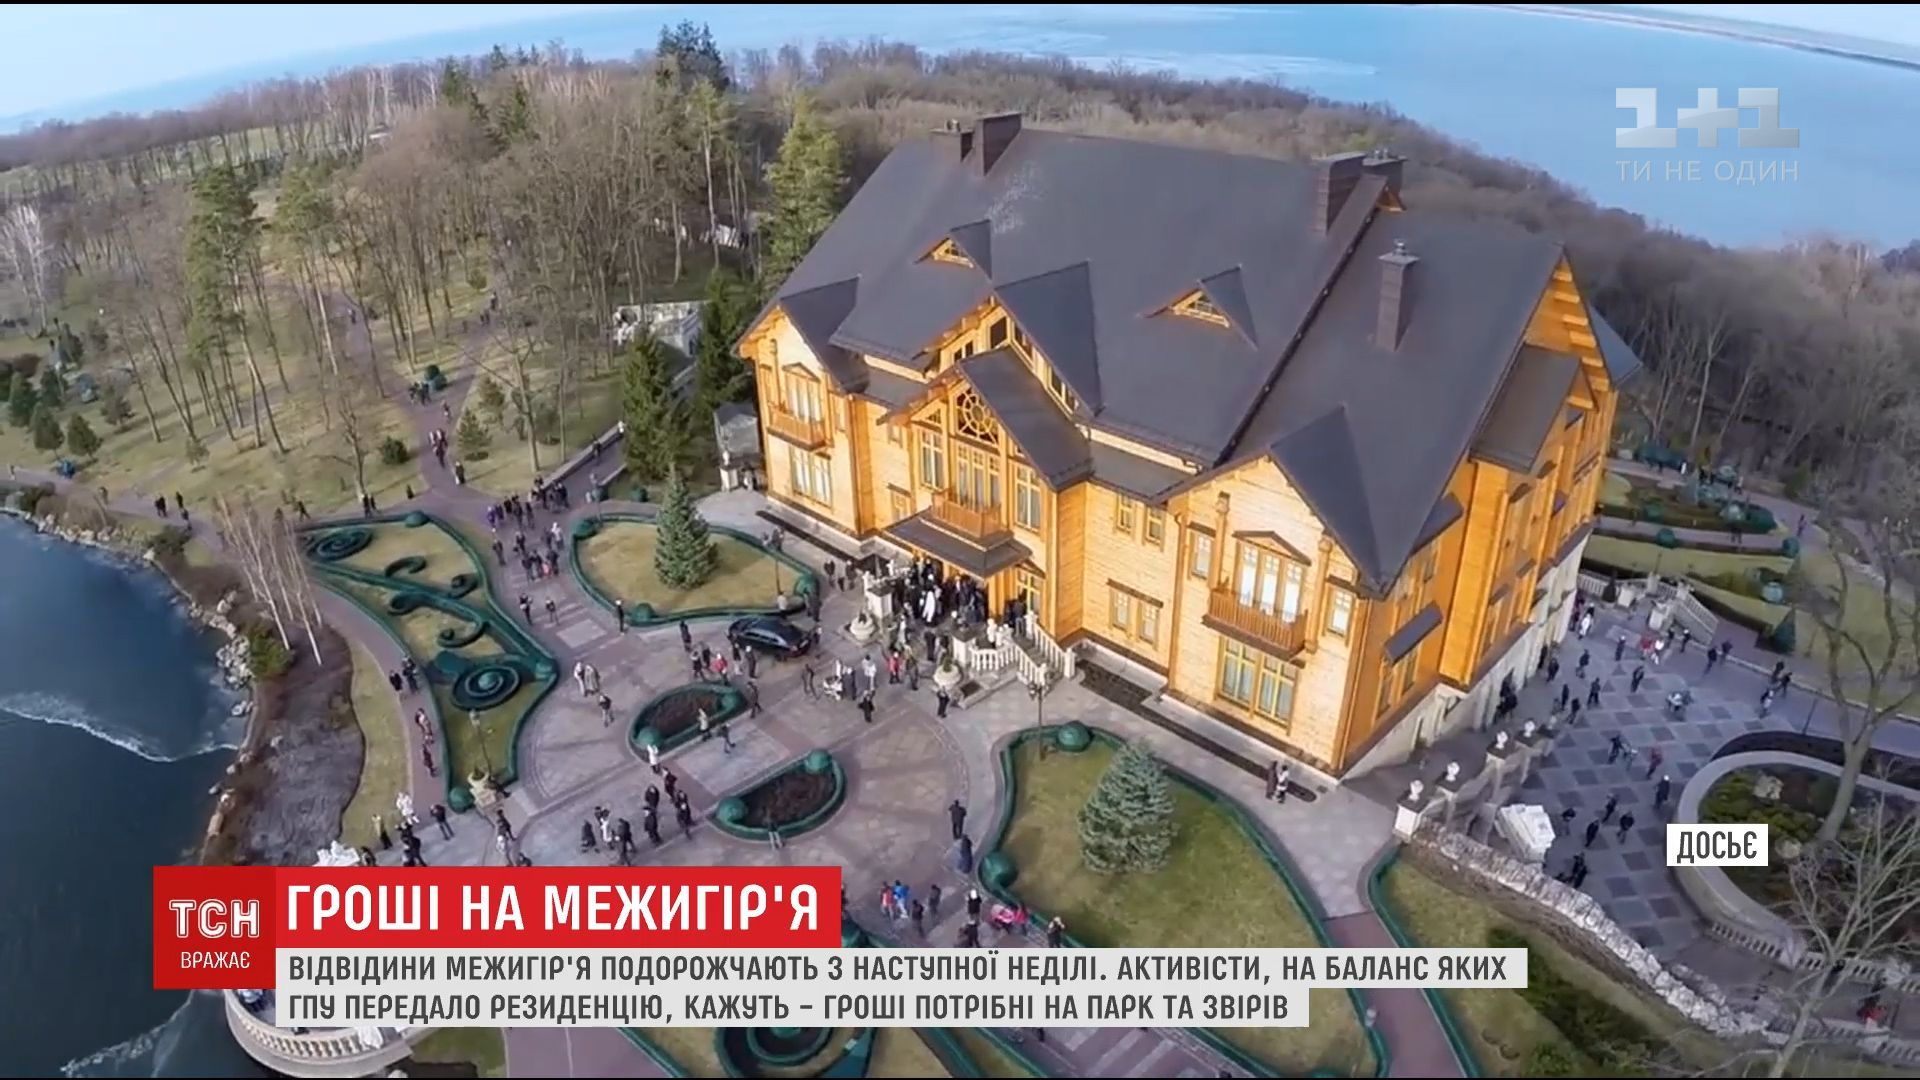 Для посетителей подорожают входные билеты в Межигорье / ТСН